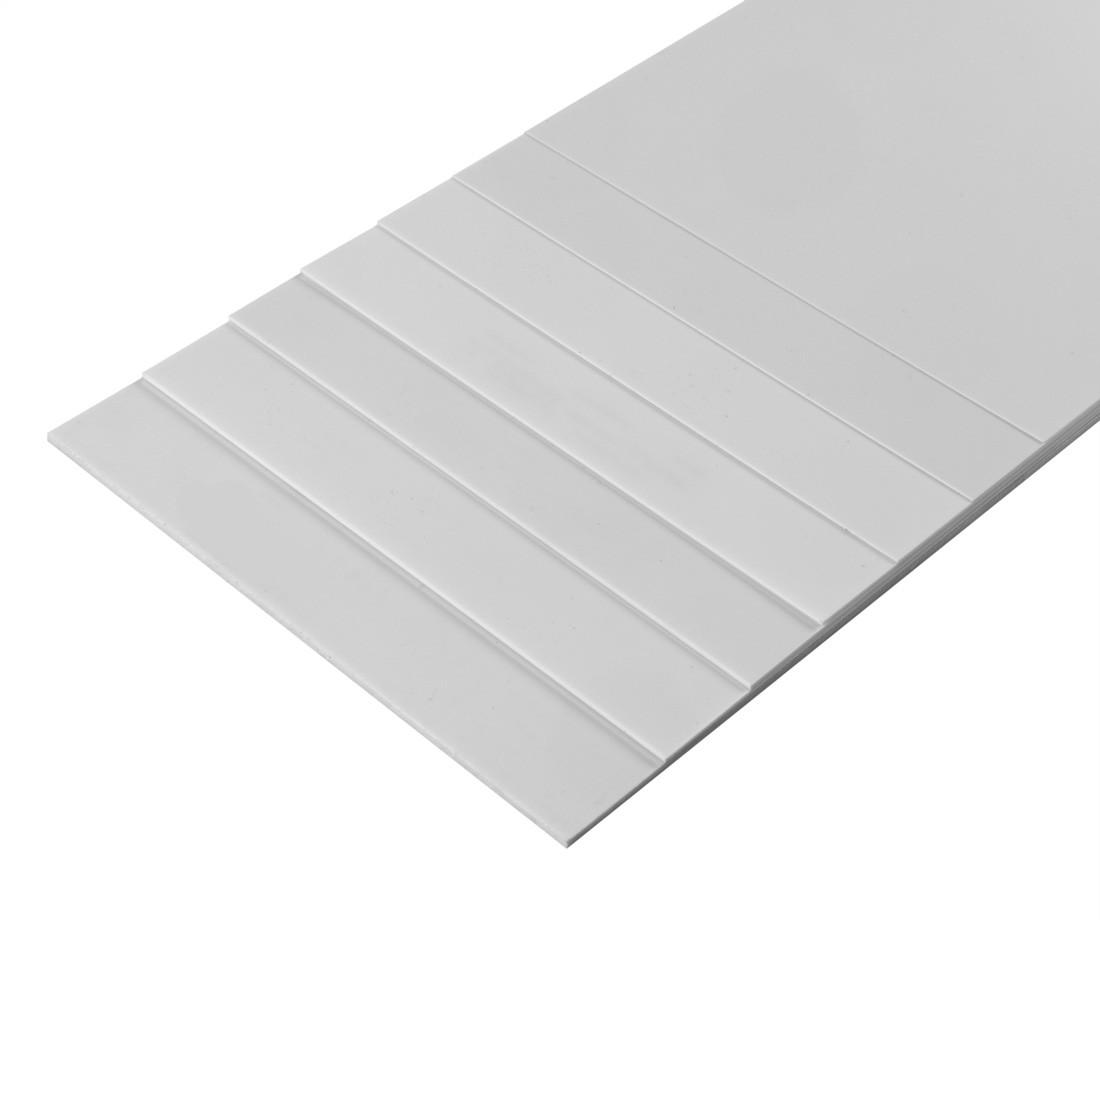 Styrene white mm.194x320 - mm.3,0